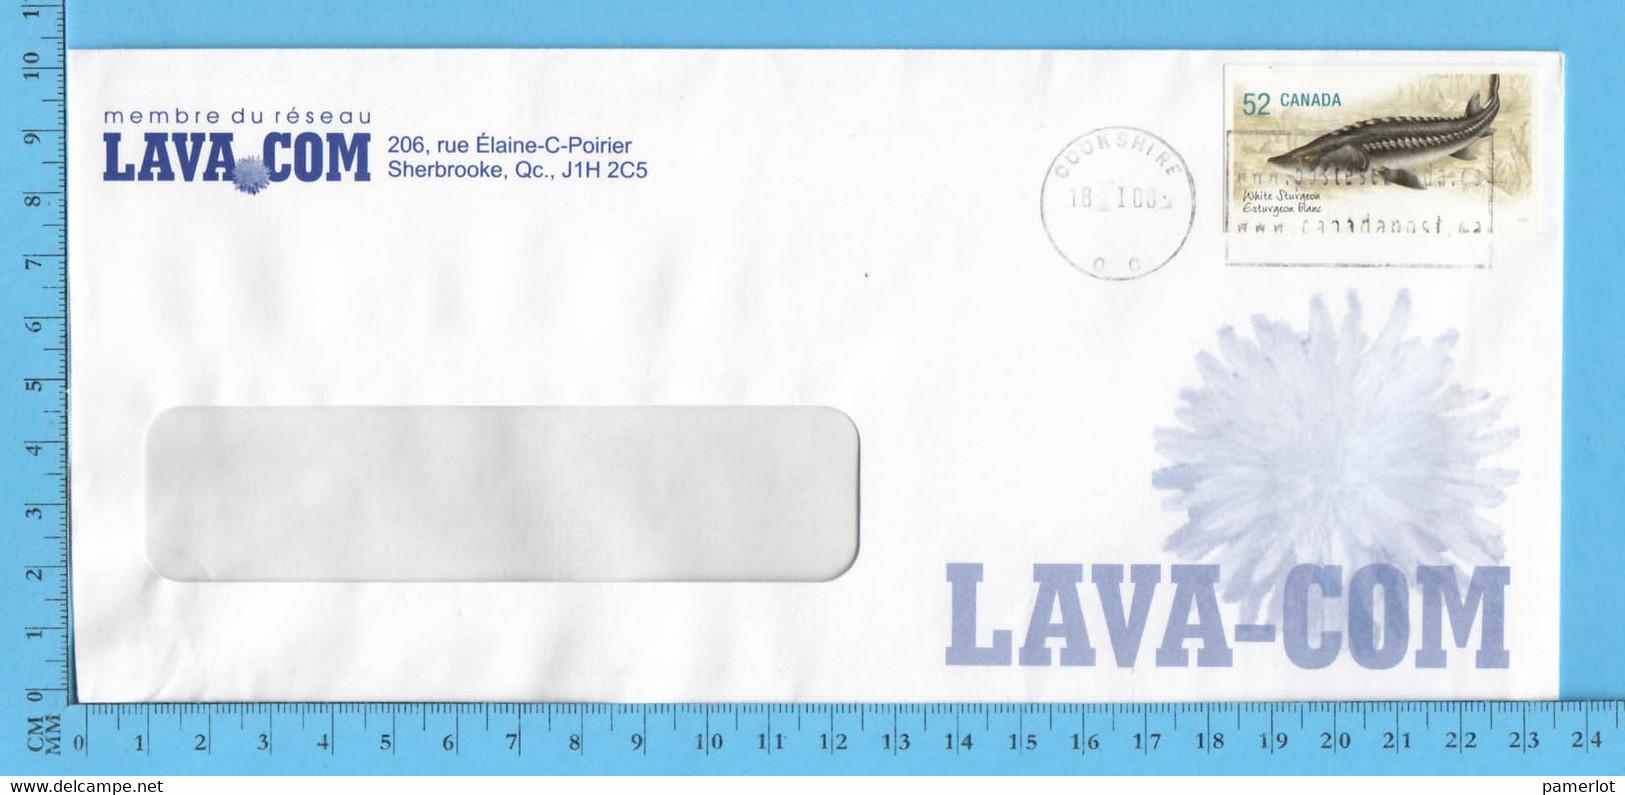 Commercial Envelope  - LAVA COM Sherbrooke - Cartas